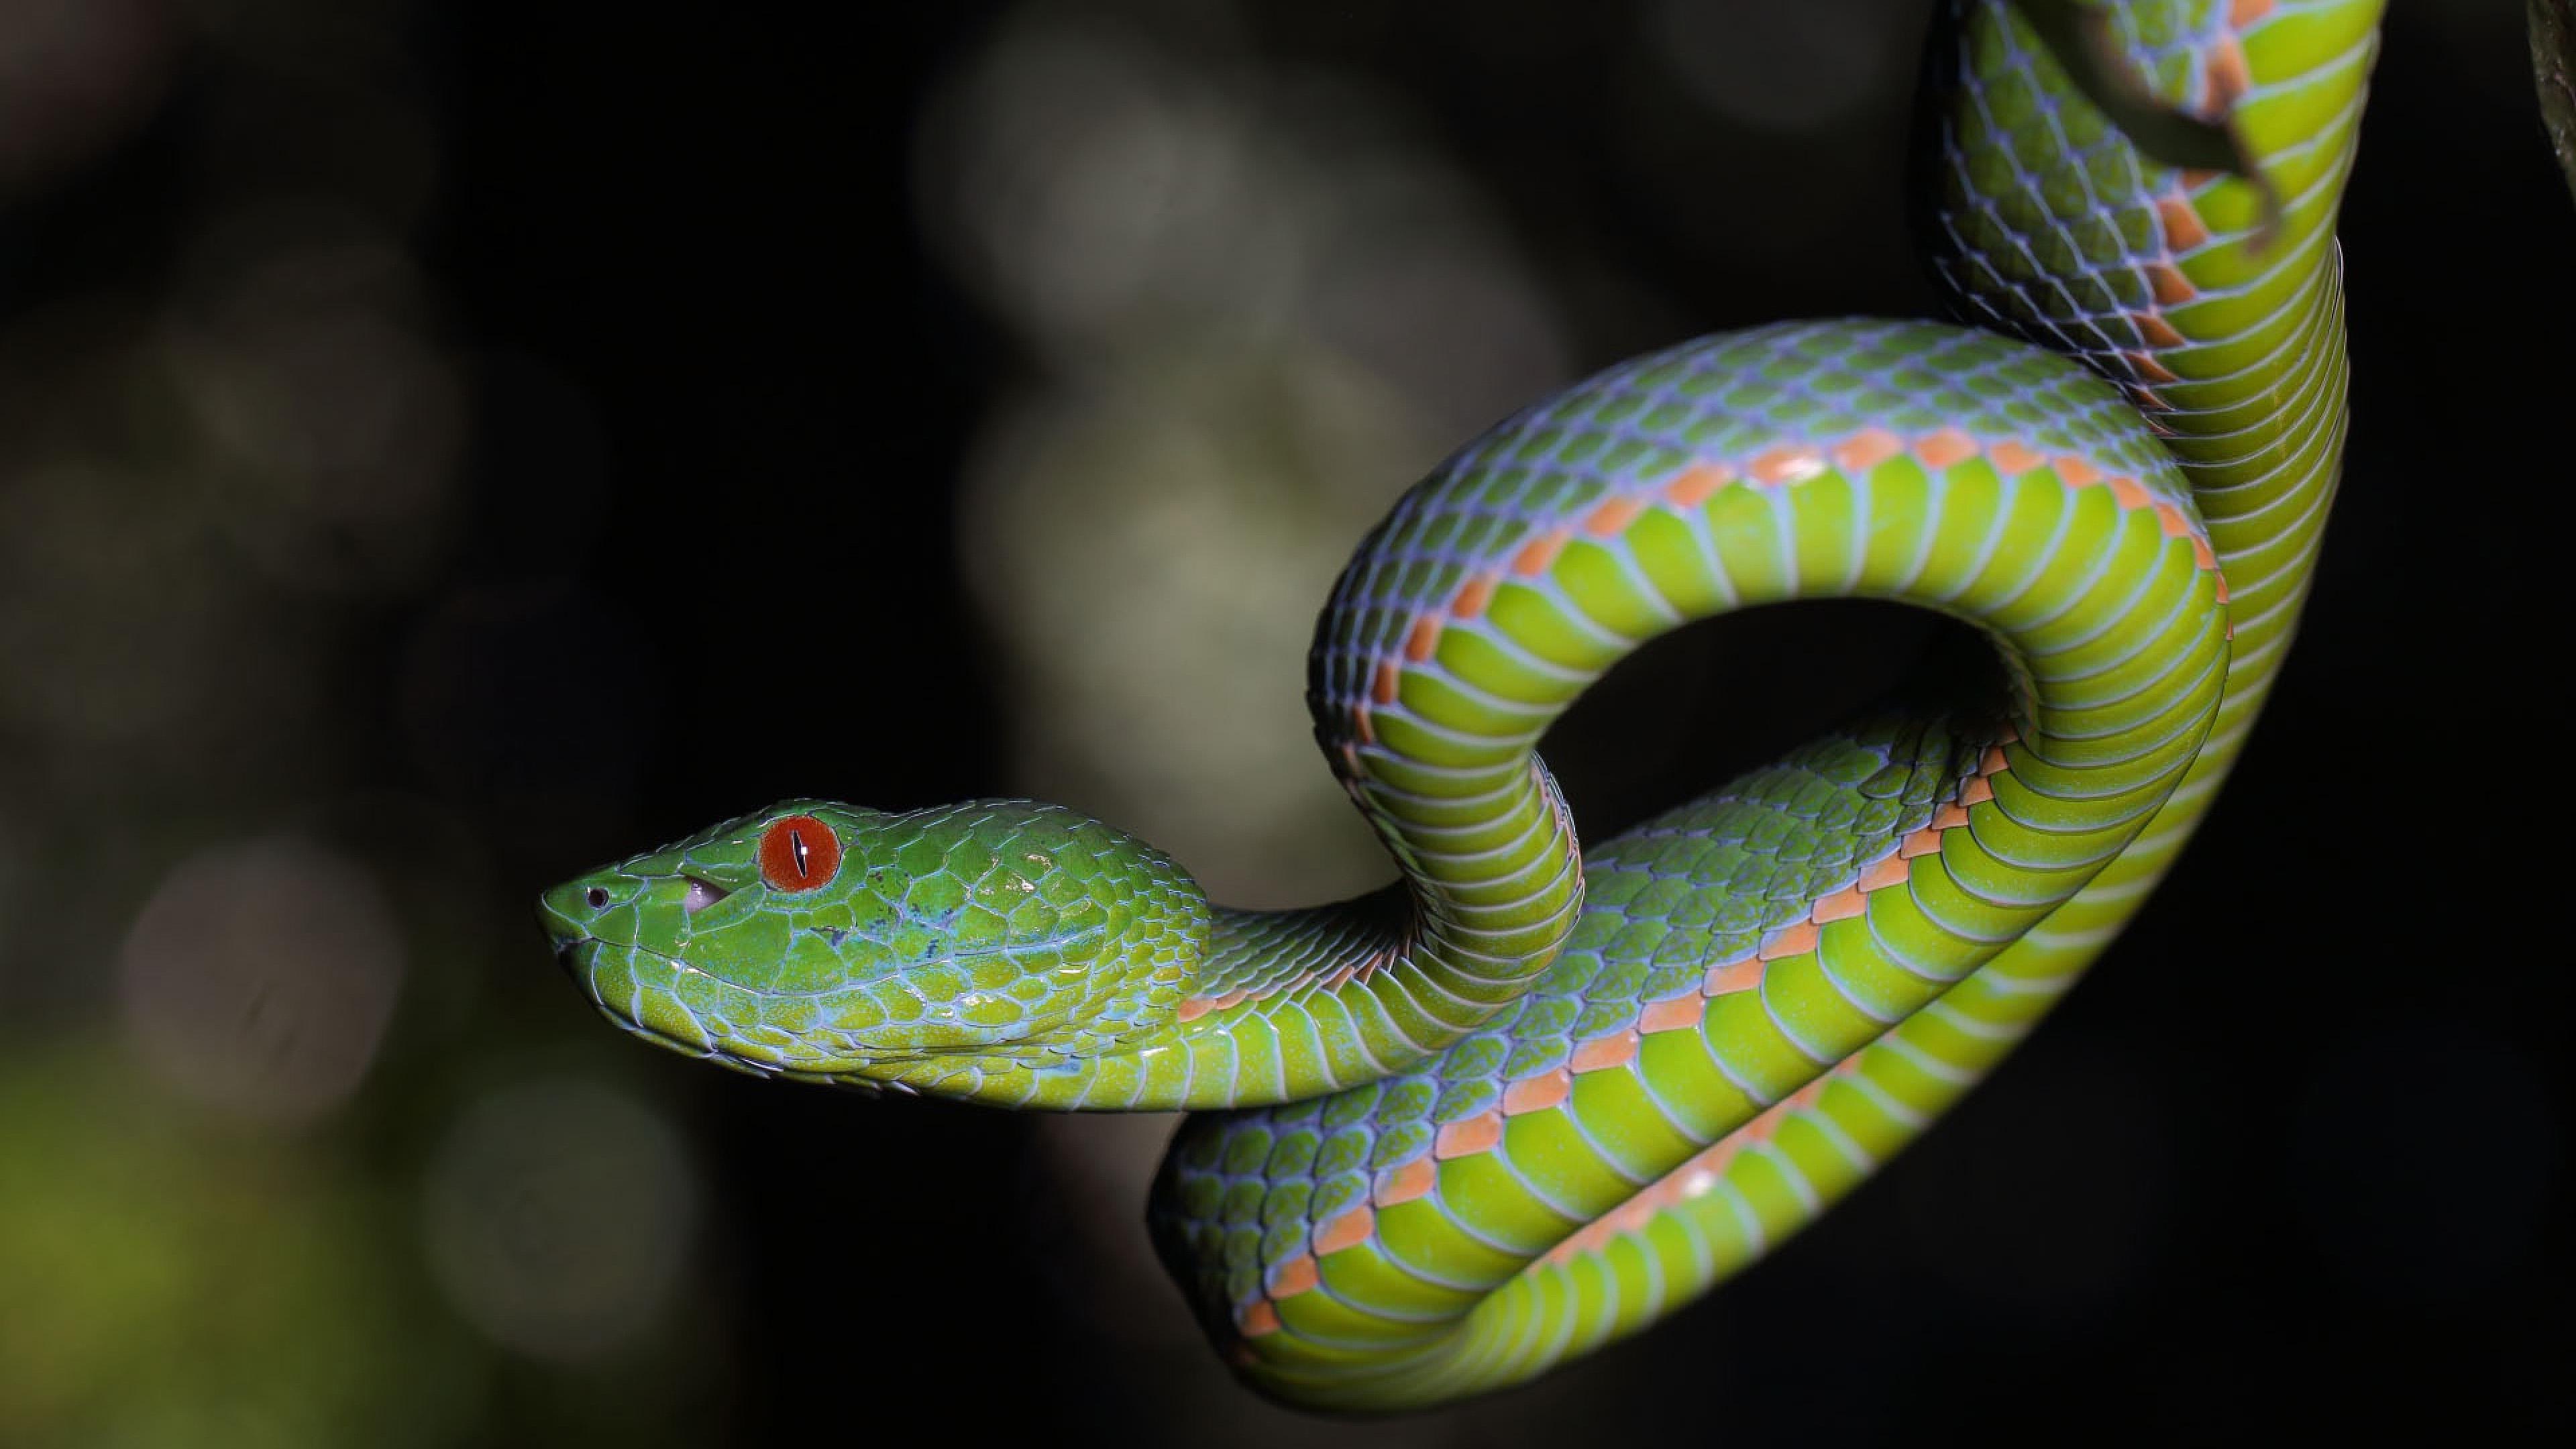 Зеленая гадюка с красными глазами, обои змеи на андроид, 3840 на 2160 пикселей